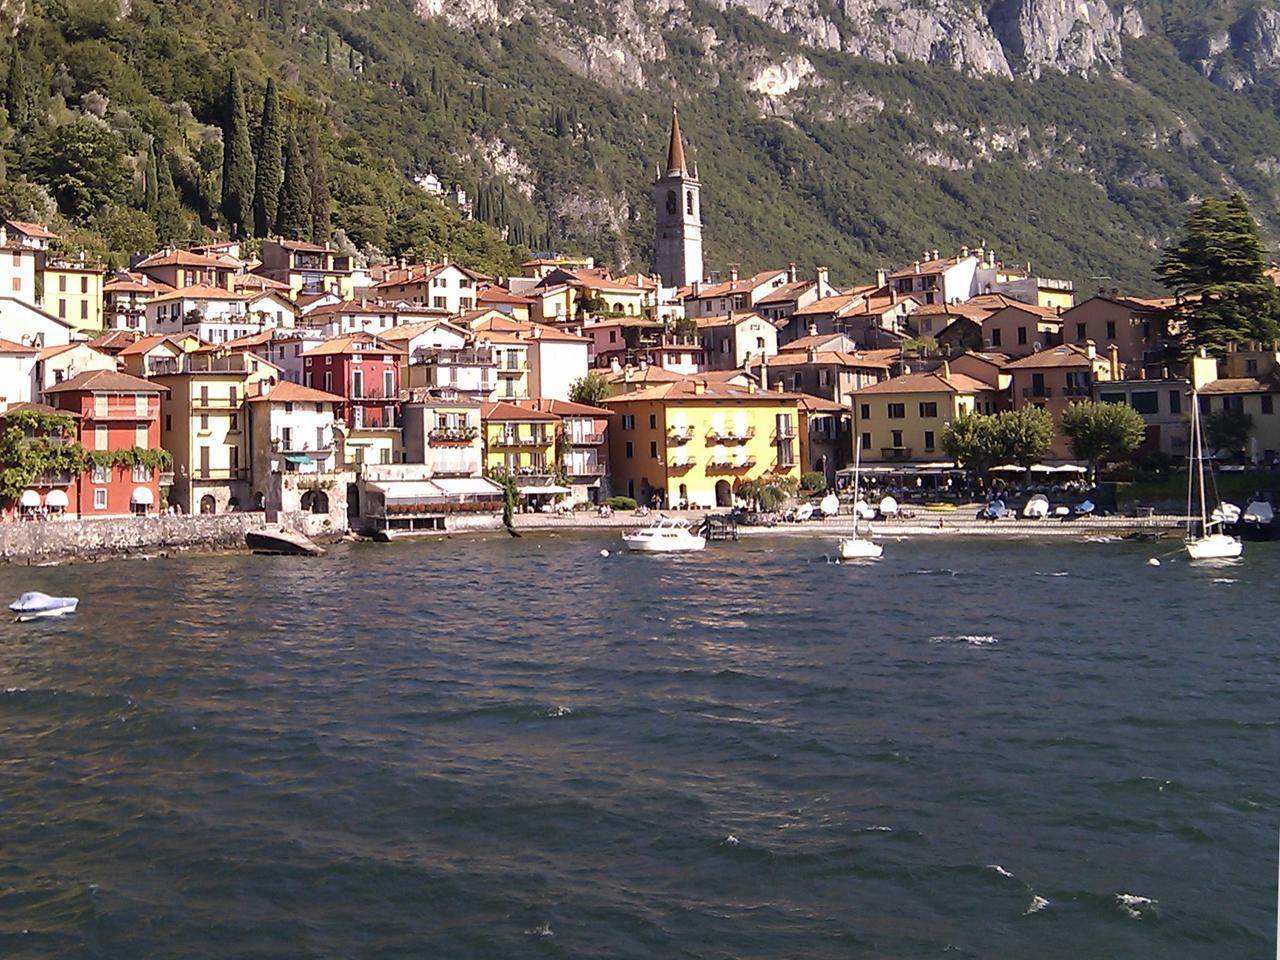 Ferienhäuser direkt am See